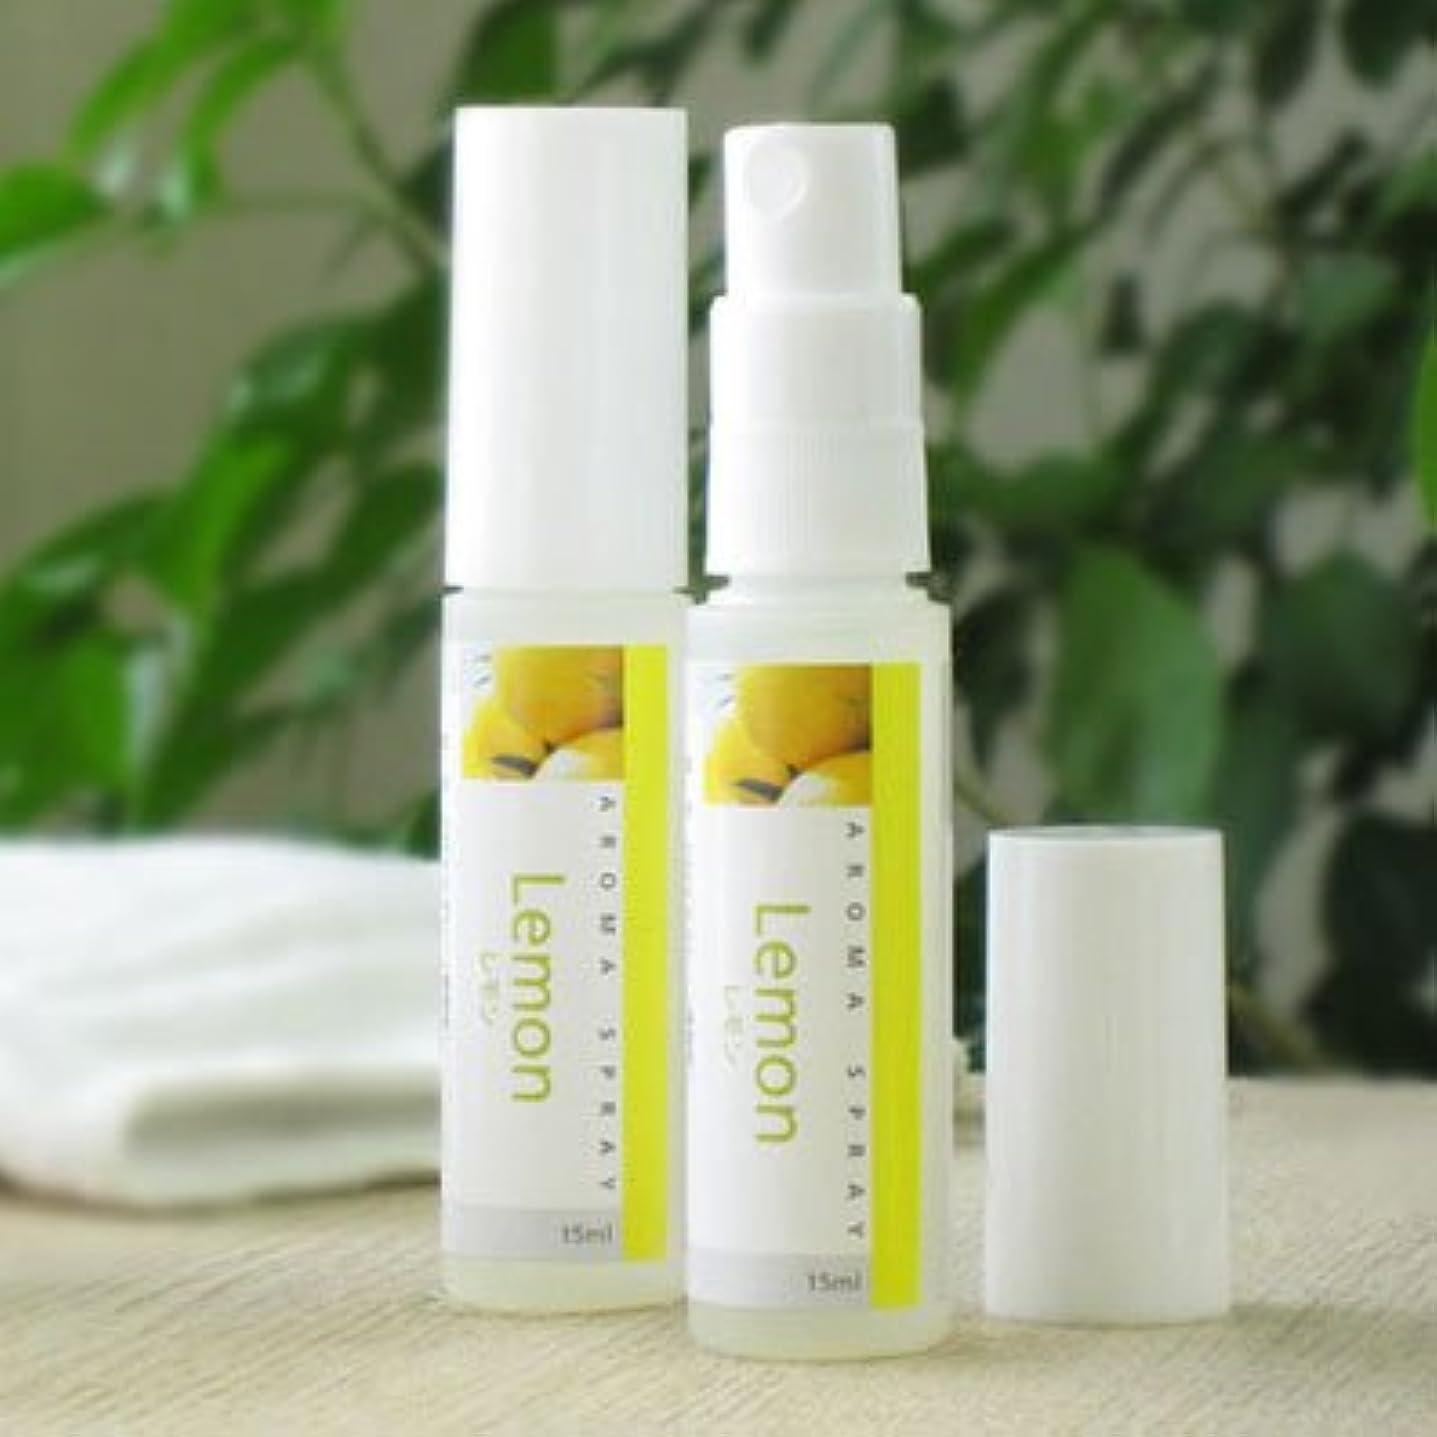 活力対象デモンストレーション天然の香りのアロマスプレー【レモン】15ml ミニボトル